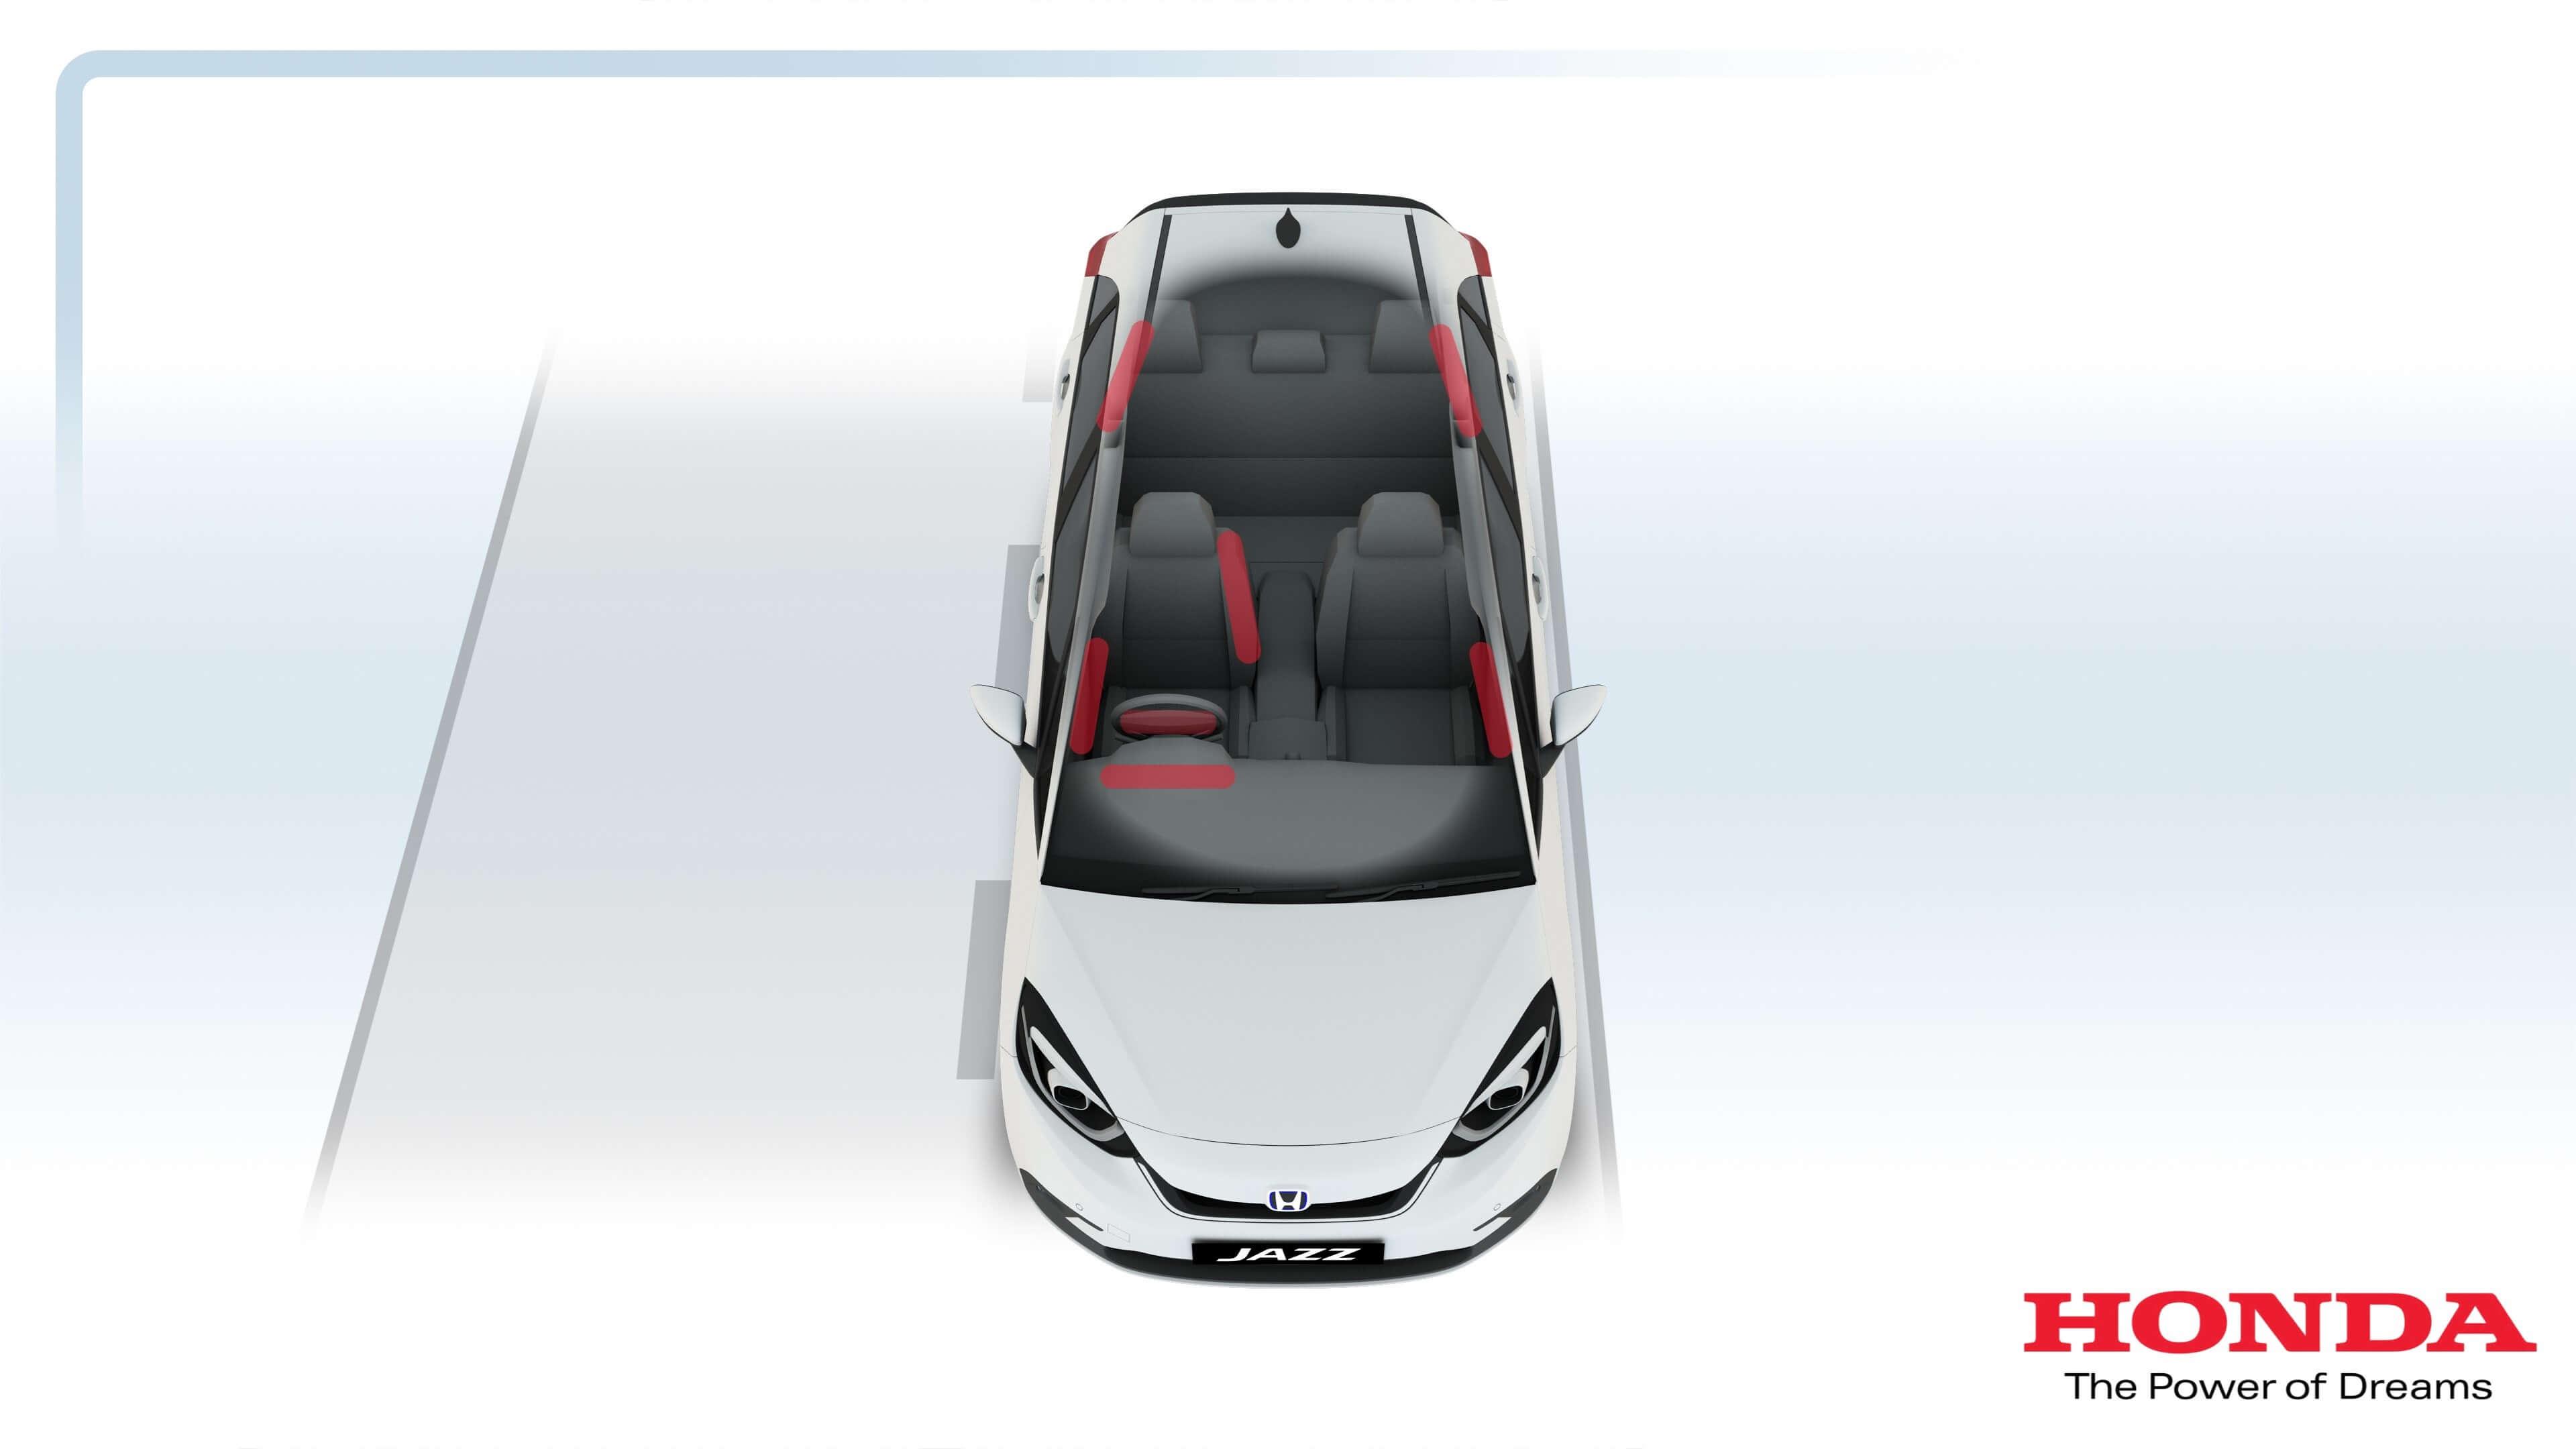 Sistema de airbags do Novo Honda Jazz